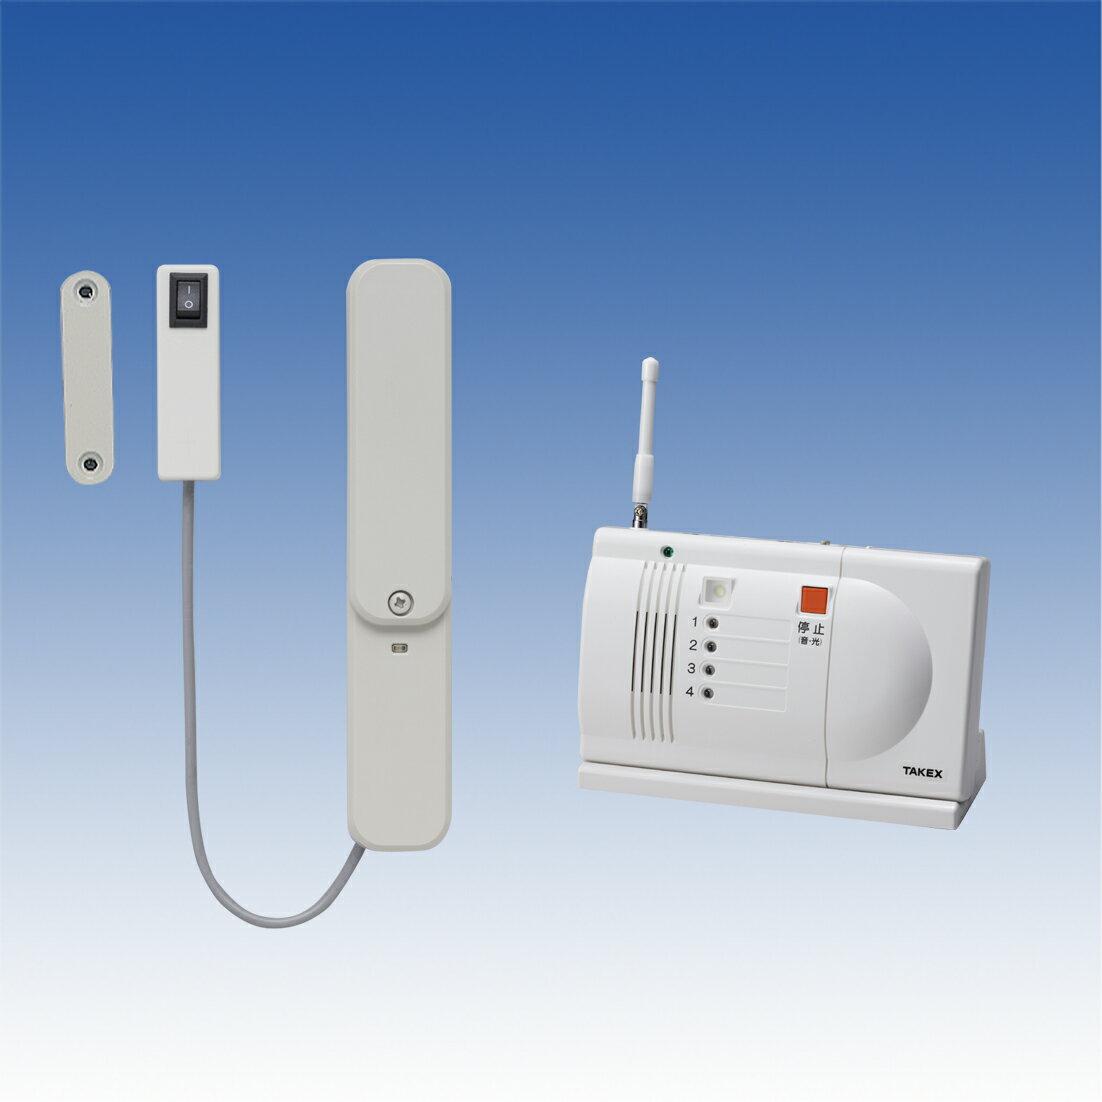 コミュニケーション機器, 徘徊感知  HCS-115(T)